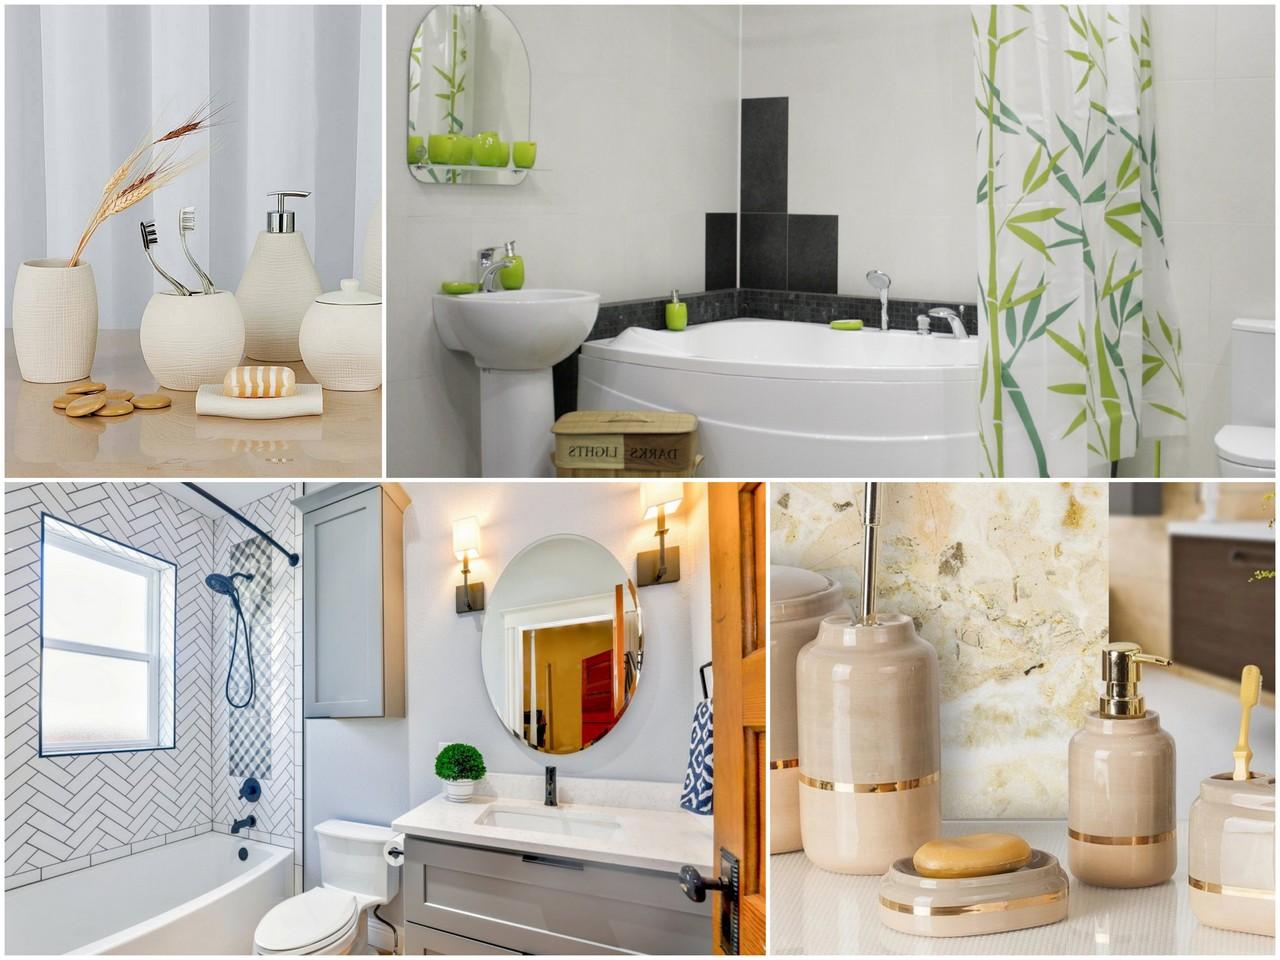 Аксессуары для ванной комнаты должны сочетаться с декором